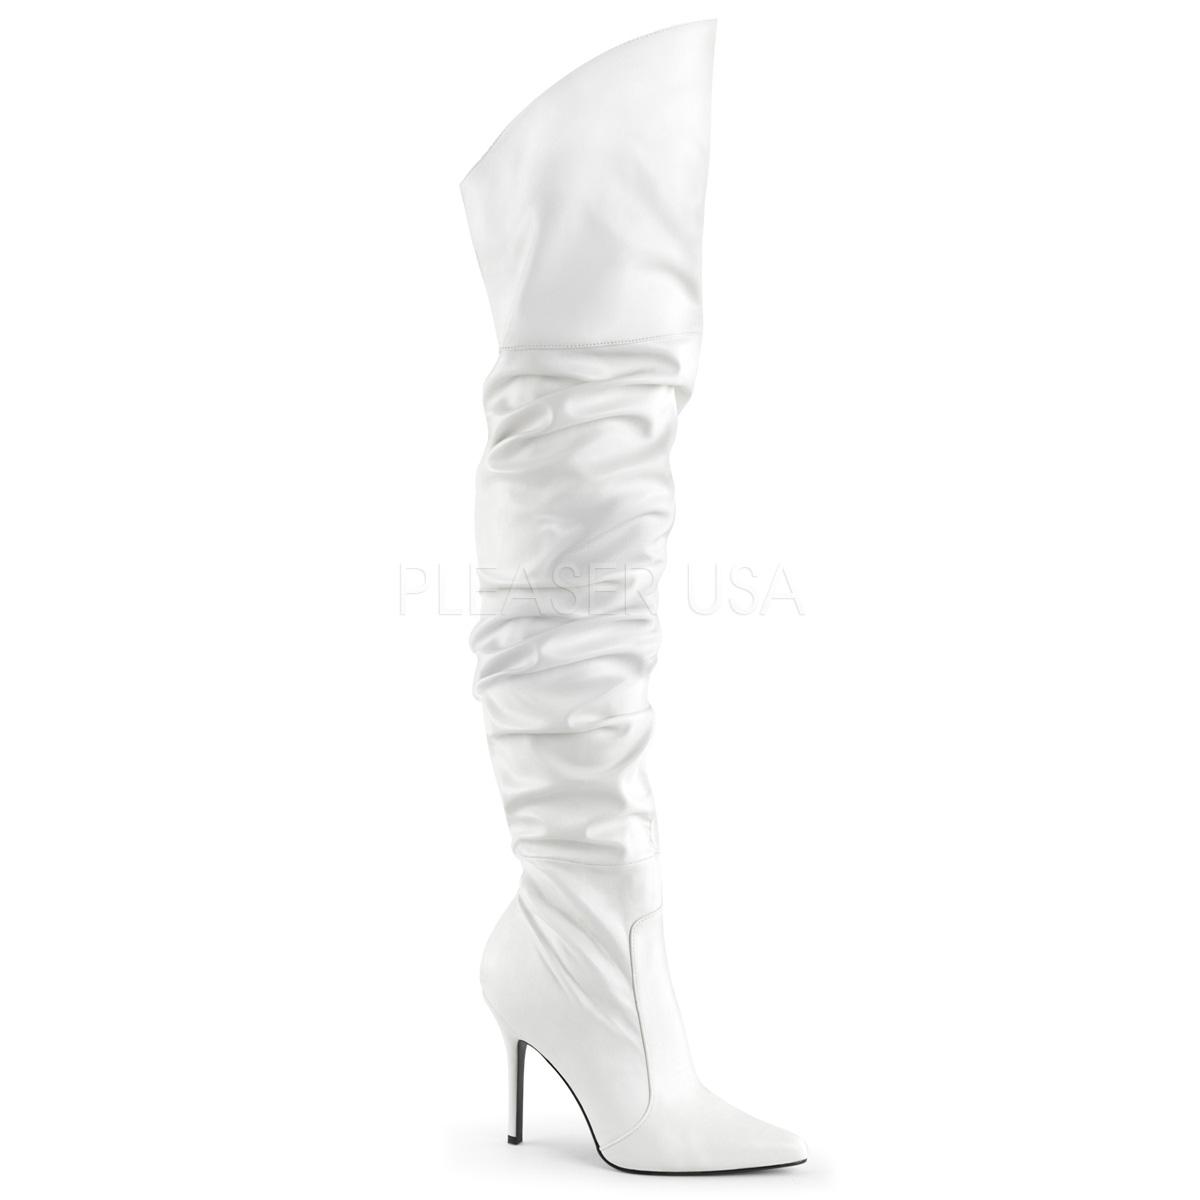 Cuissardes plissées blanches - Pointure : 37